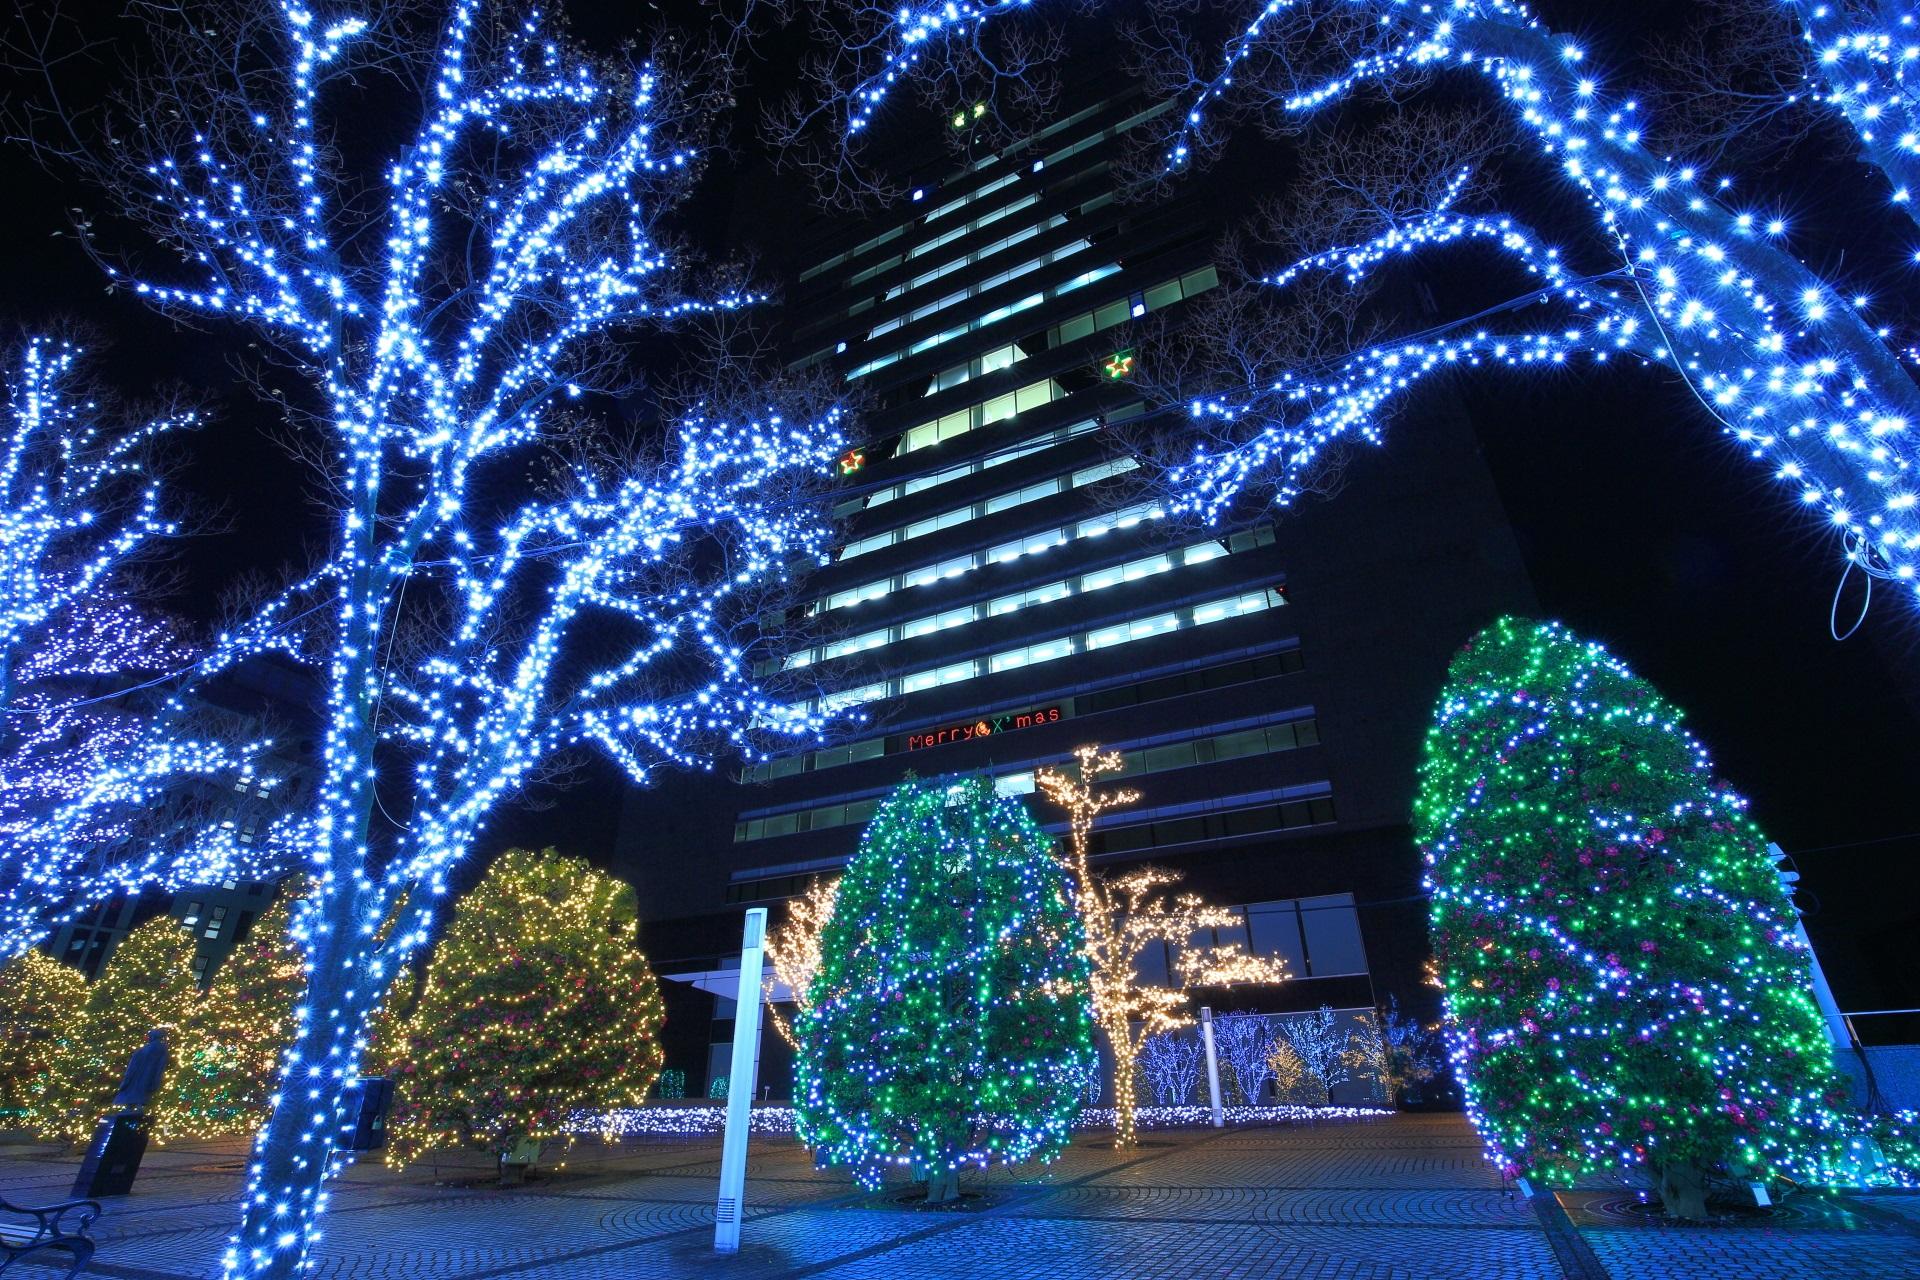 illumination kyocera in Kyoto,Japan